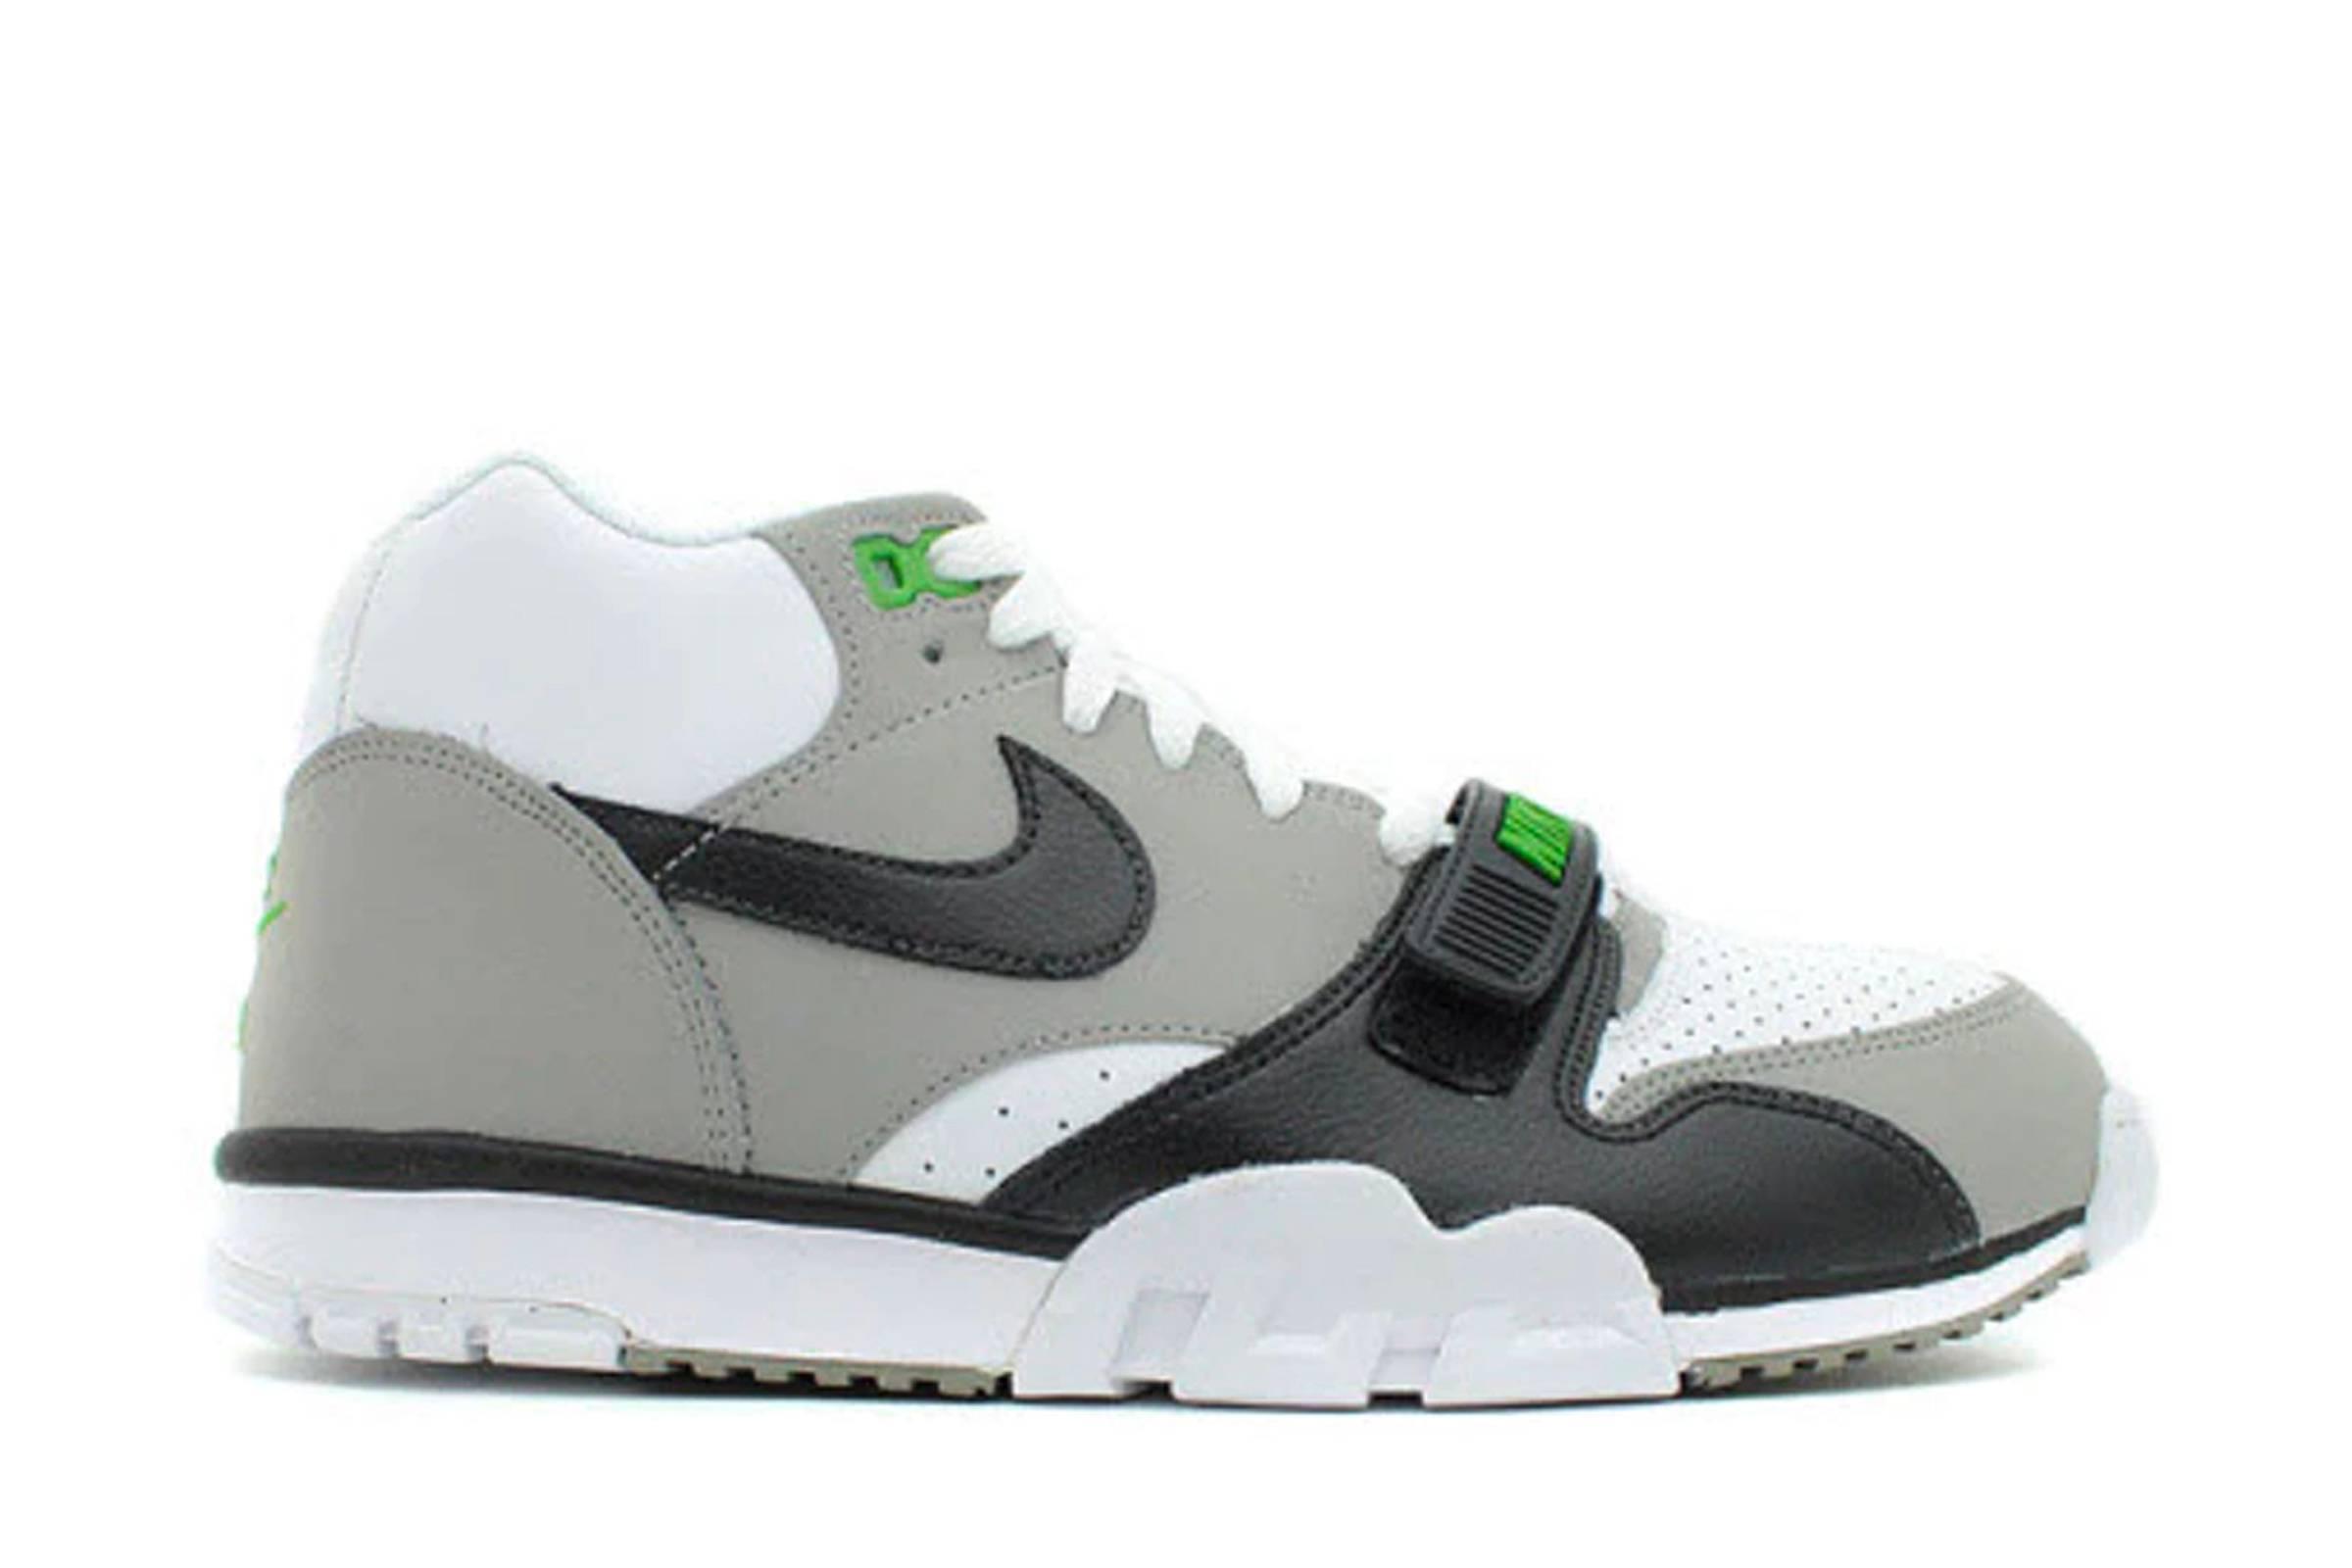 4. Nike Air Trainer 1